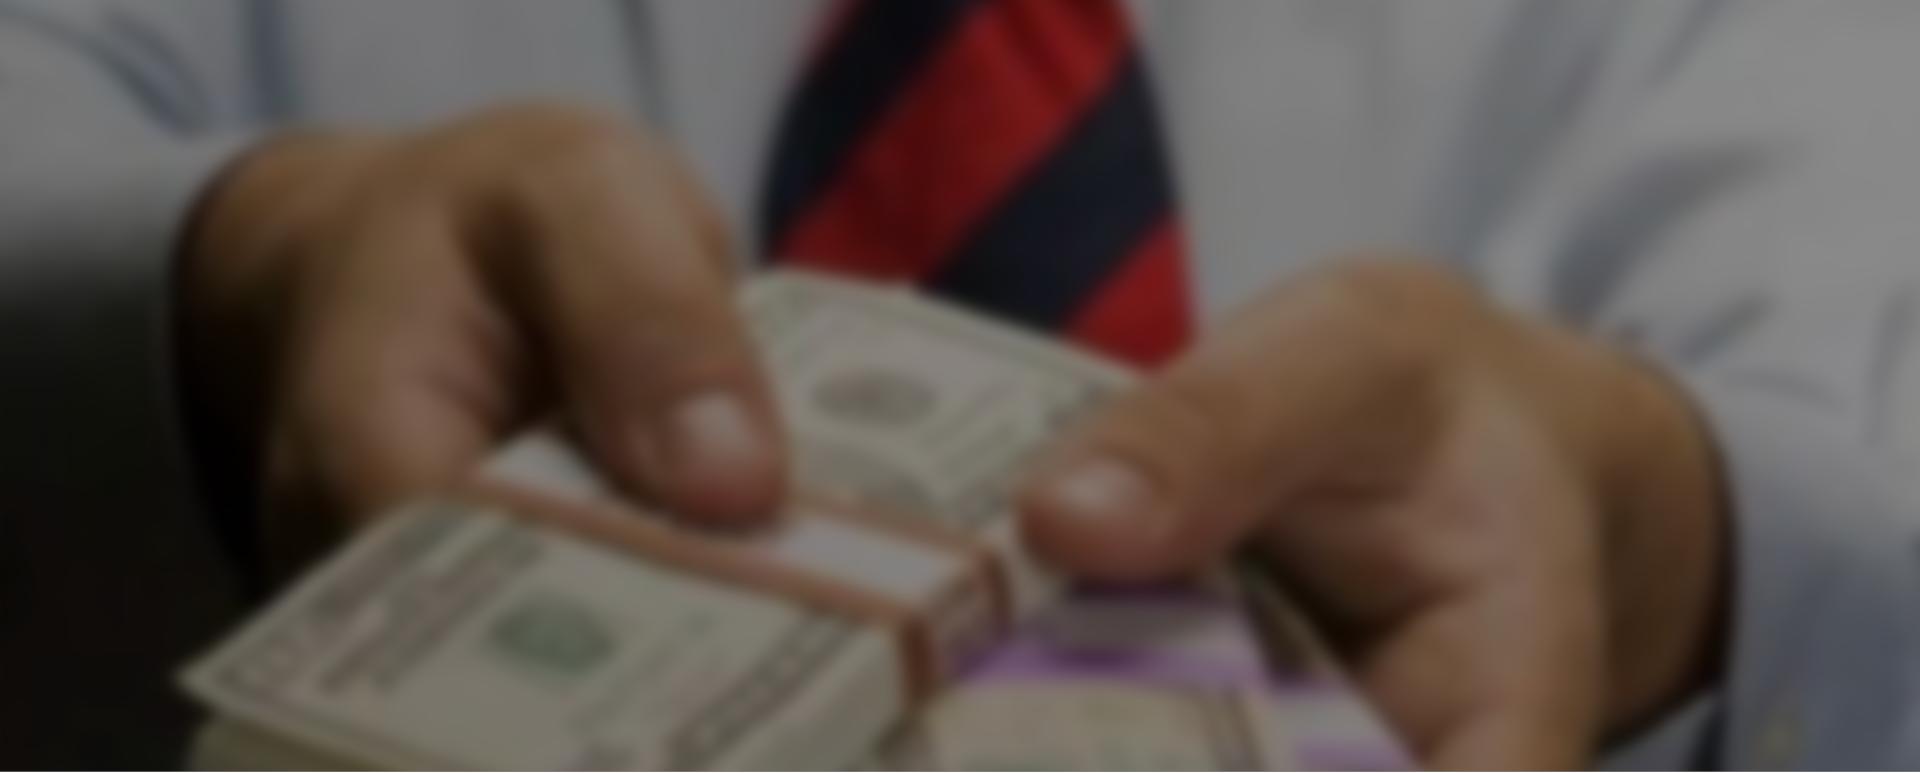 Кредит наличными онлайн без отказа без проверки мгновенно